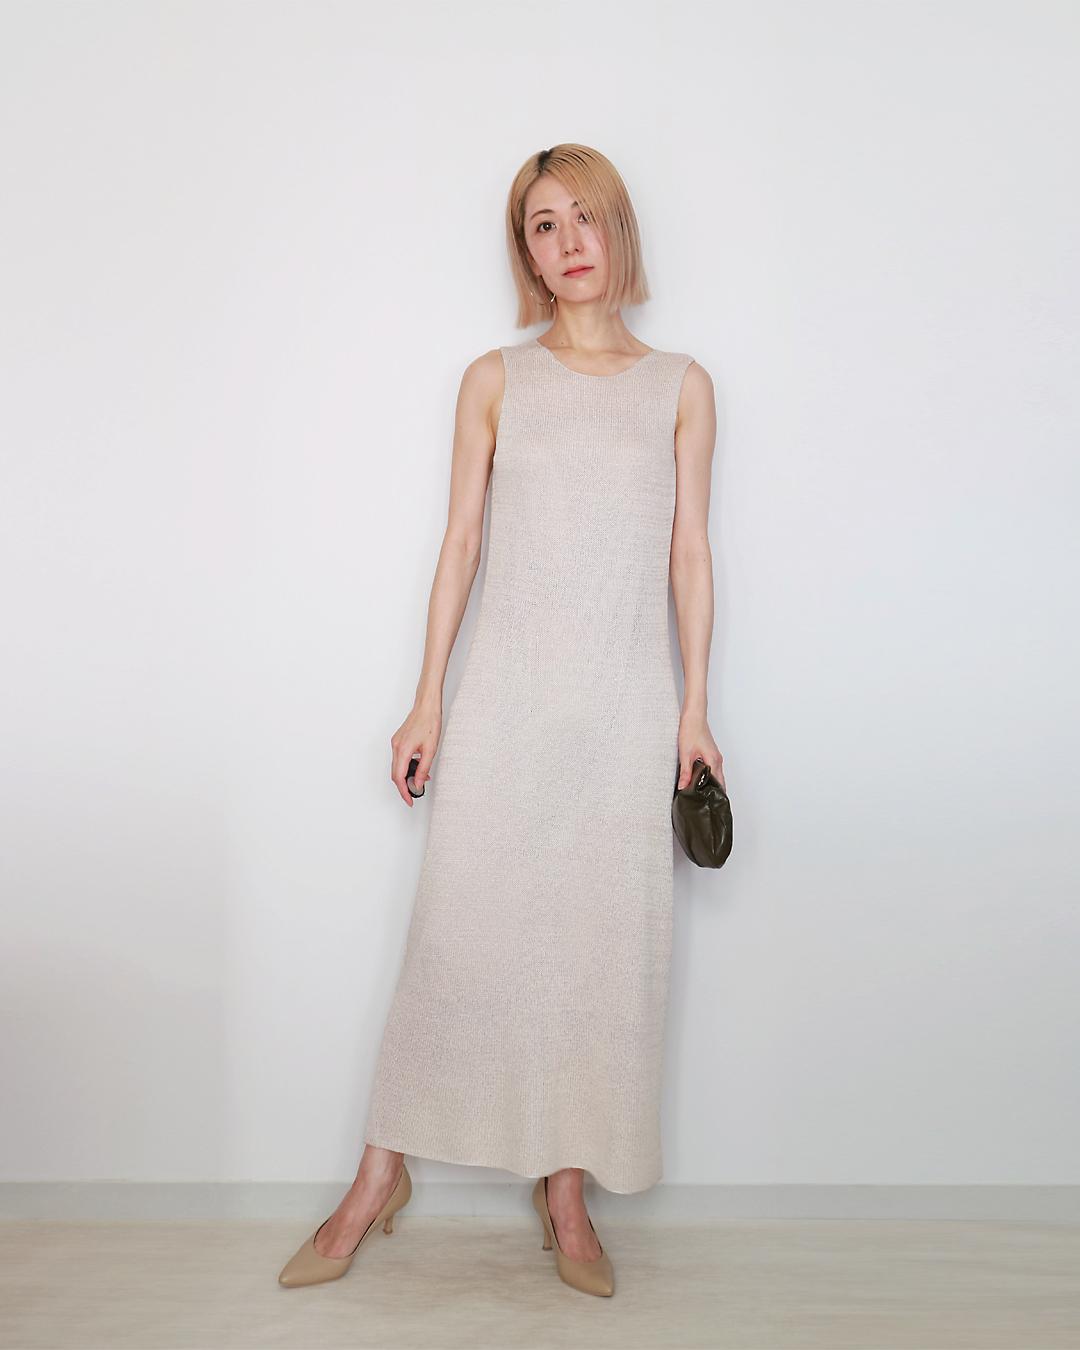 ペンシル・ドレス